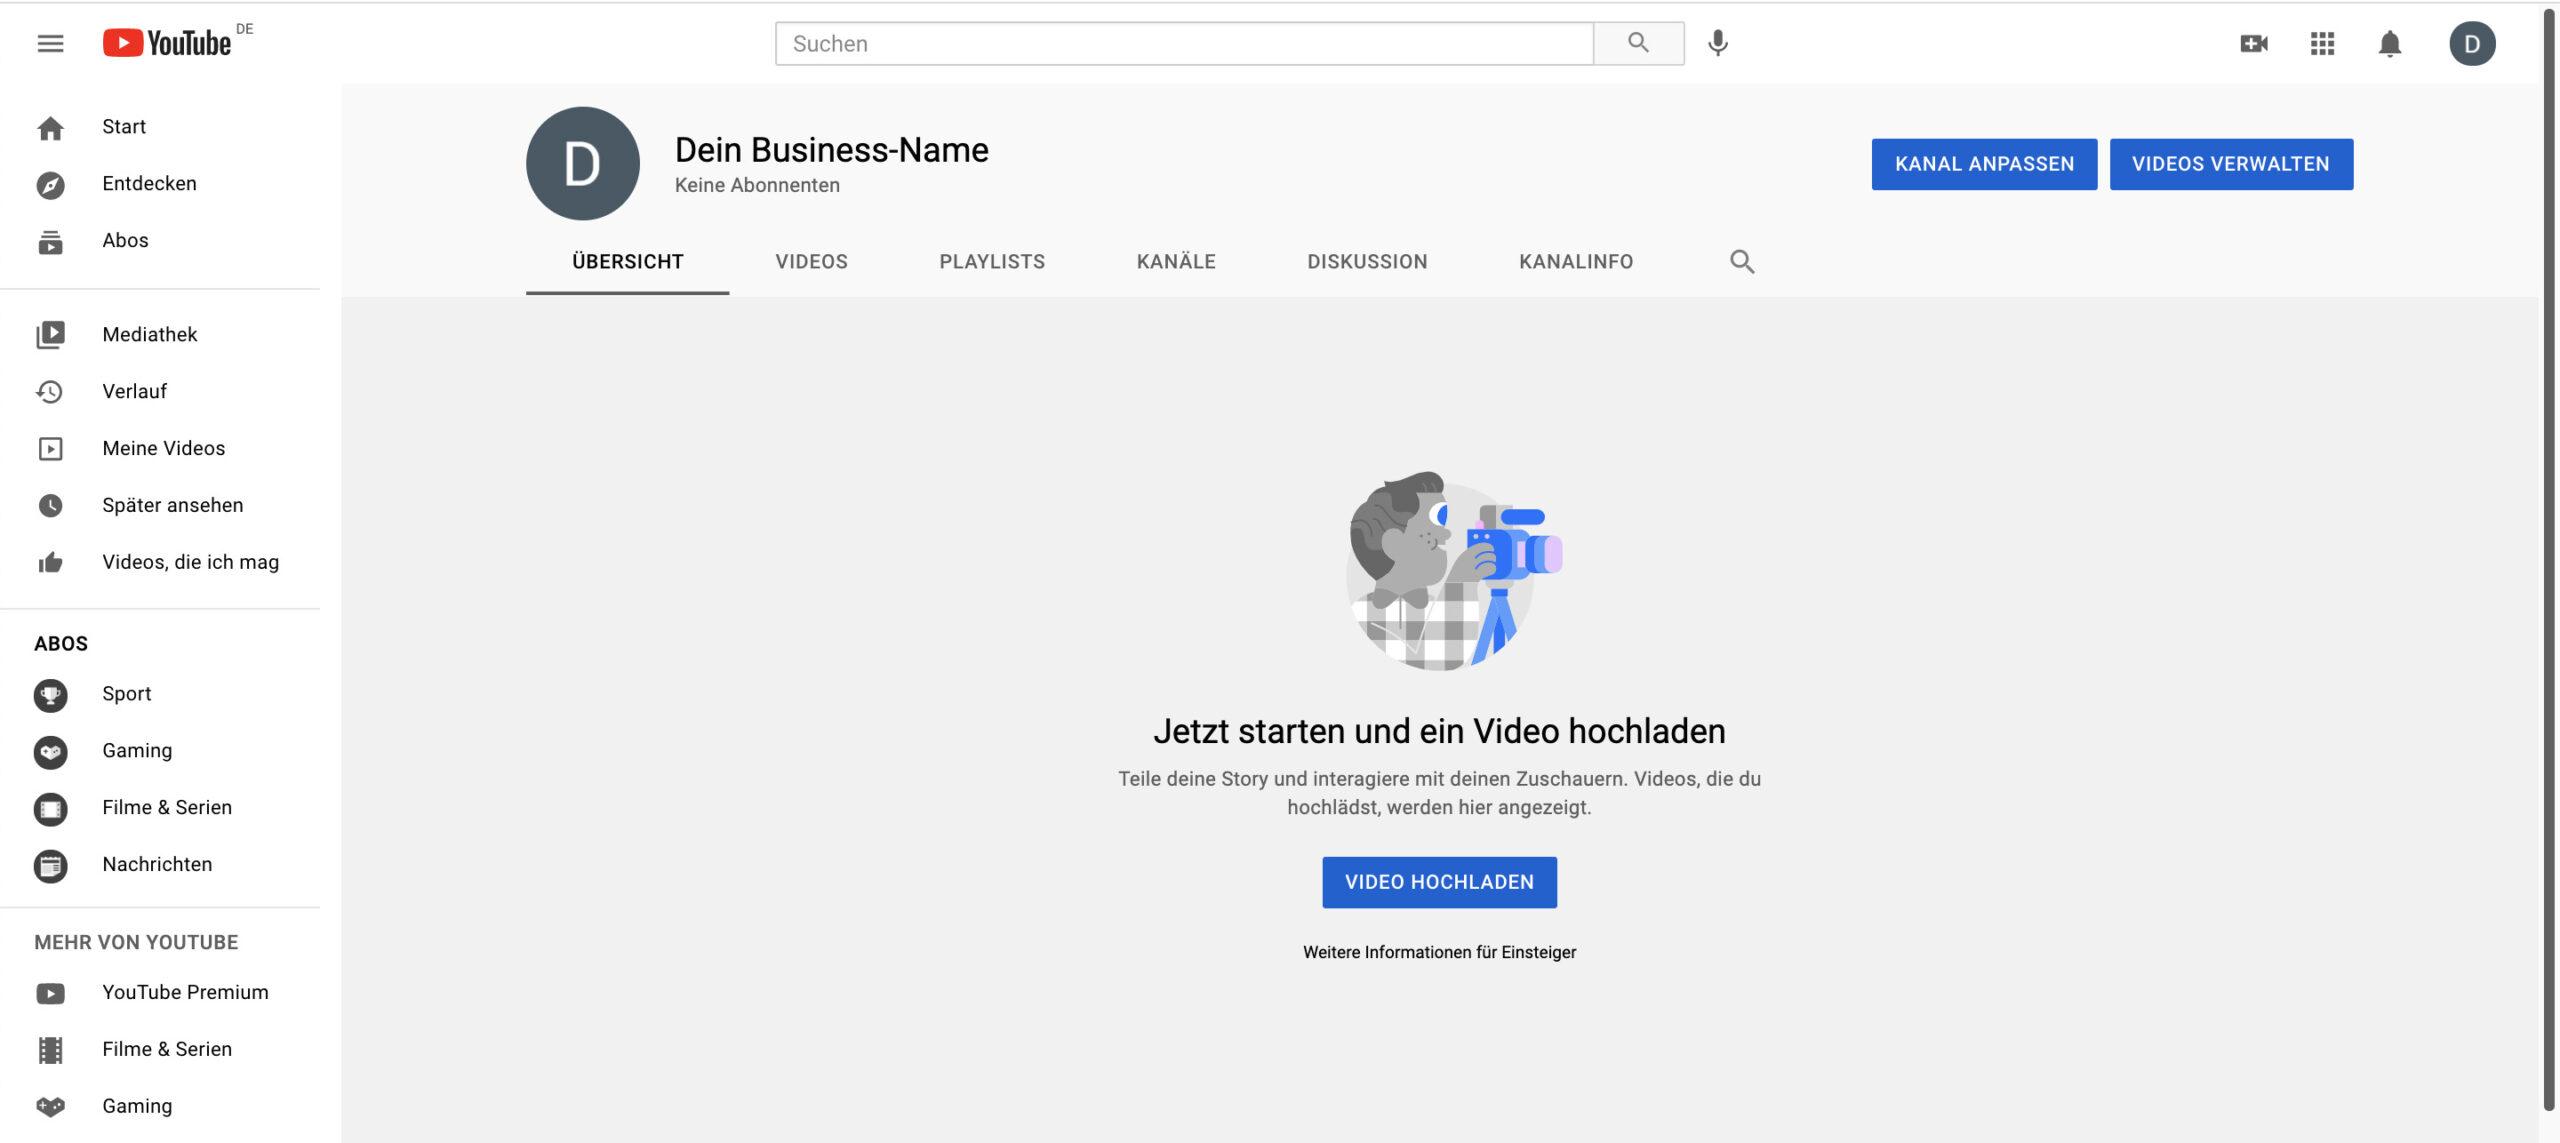 YouTube für Unternehmen_So erstellst du einen Kanal richtig_Kanal